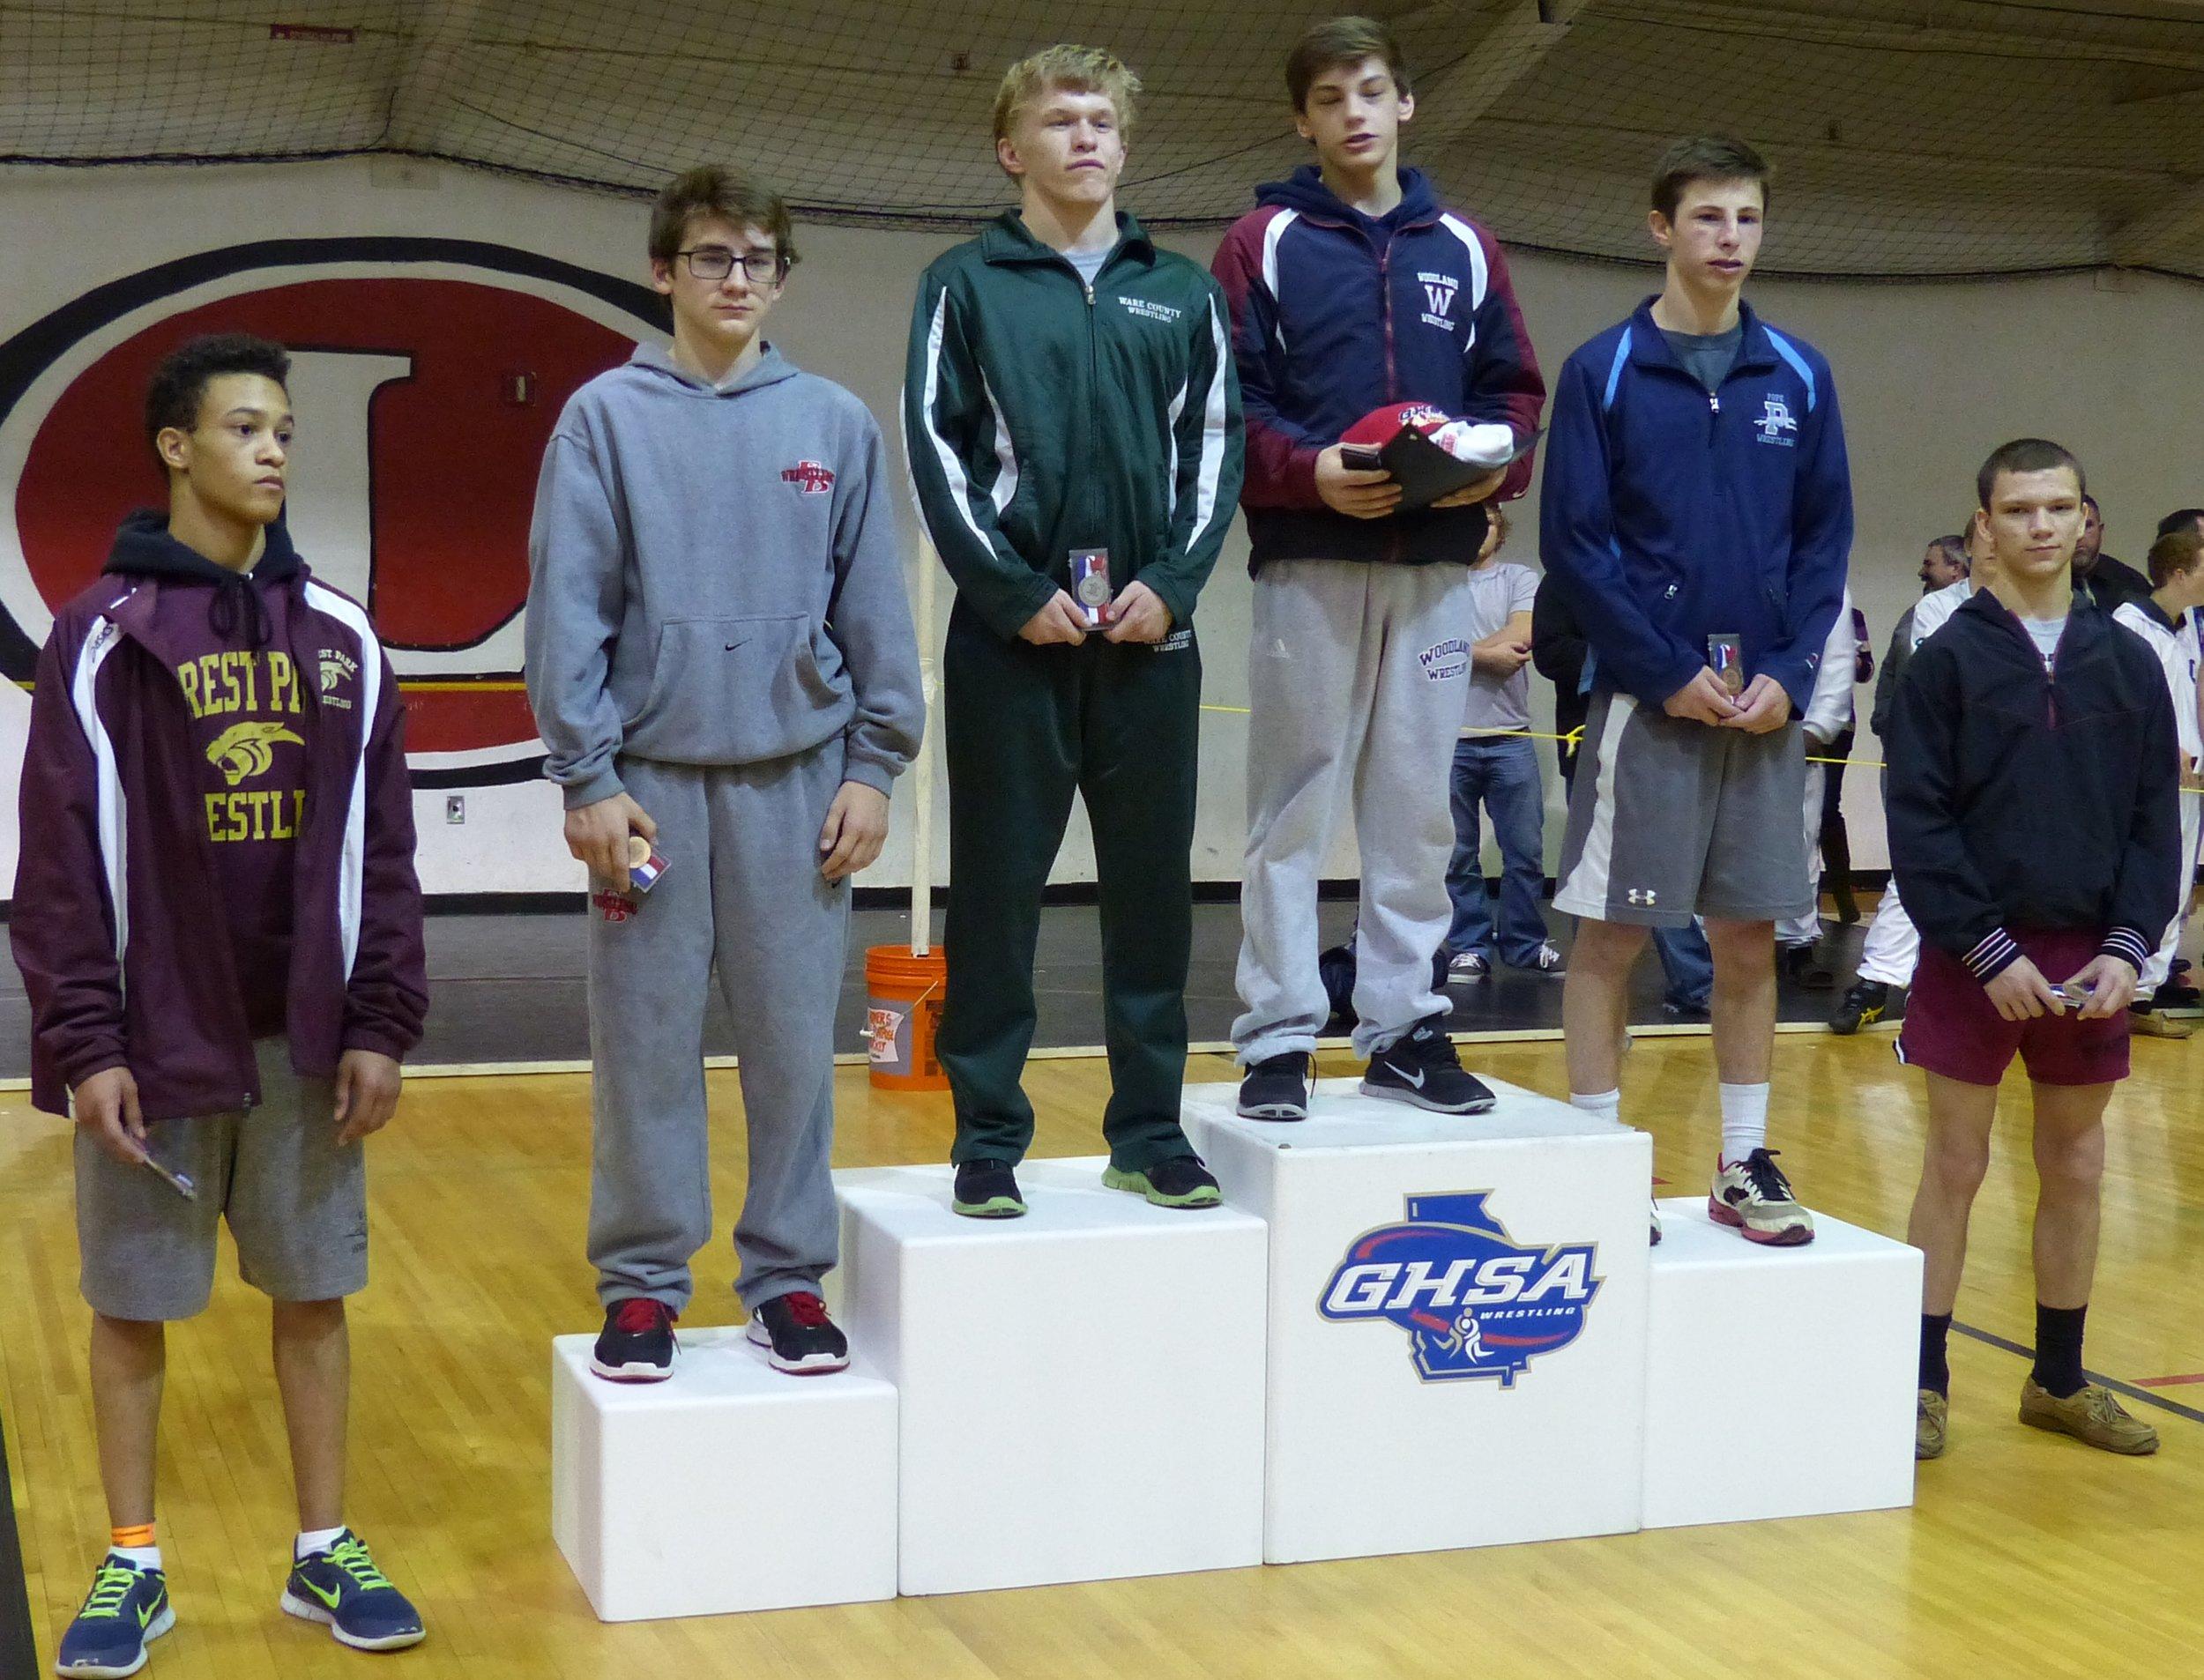 Luke Littlefield 2nd place 113 lbs